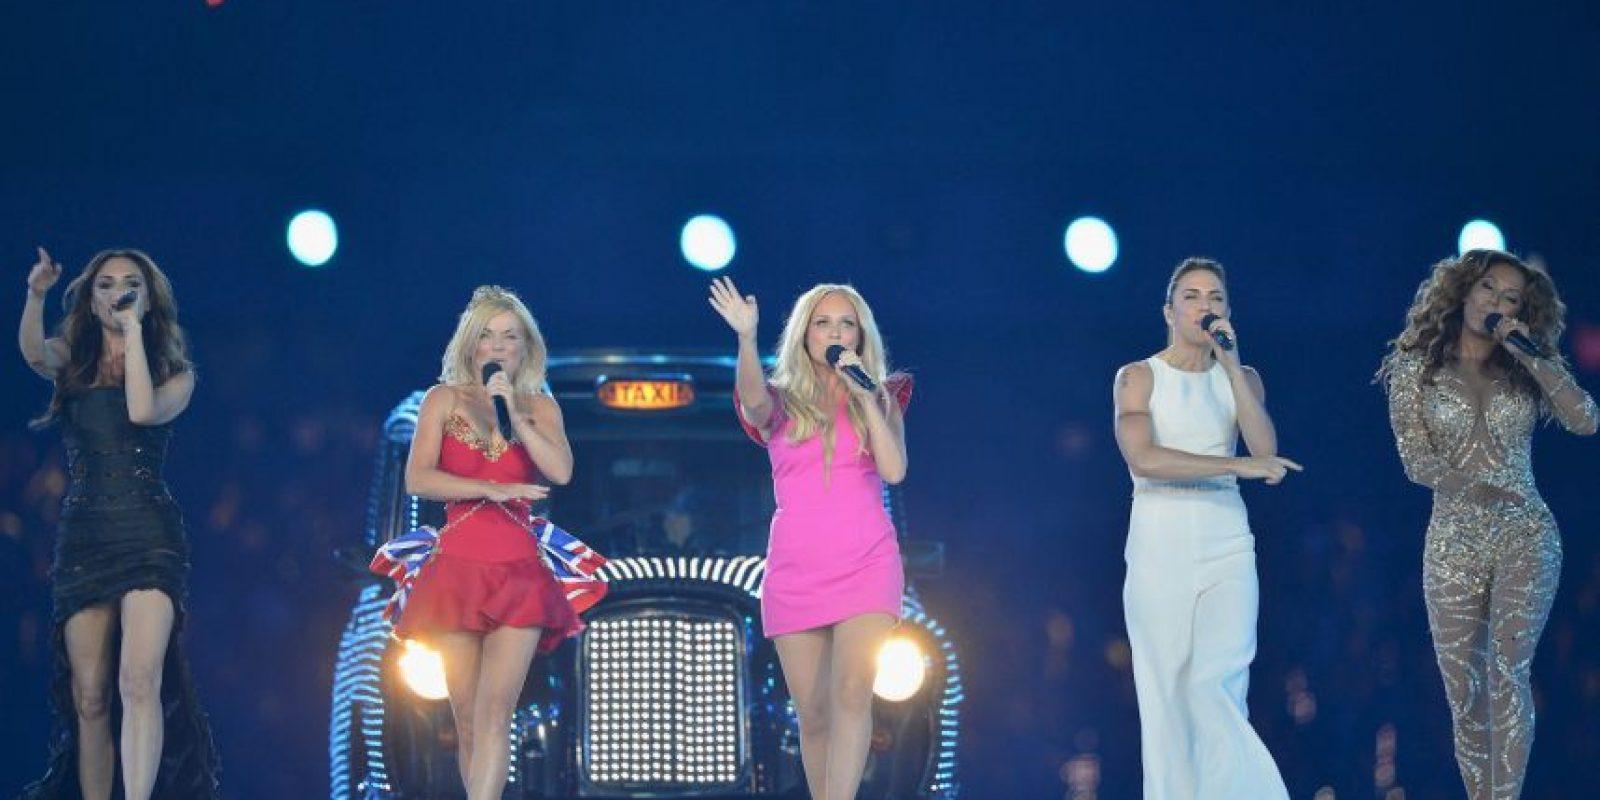 En 2012, nos volvieron a sorprender con su fantástica actuación en la clausura de los Juegos Olímpicos de Londres Foto:Getty Images